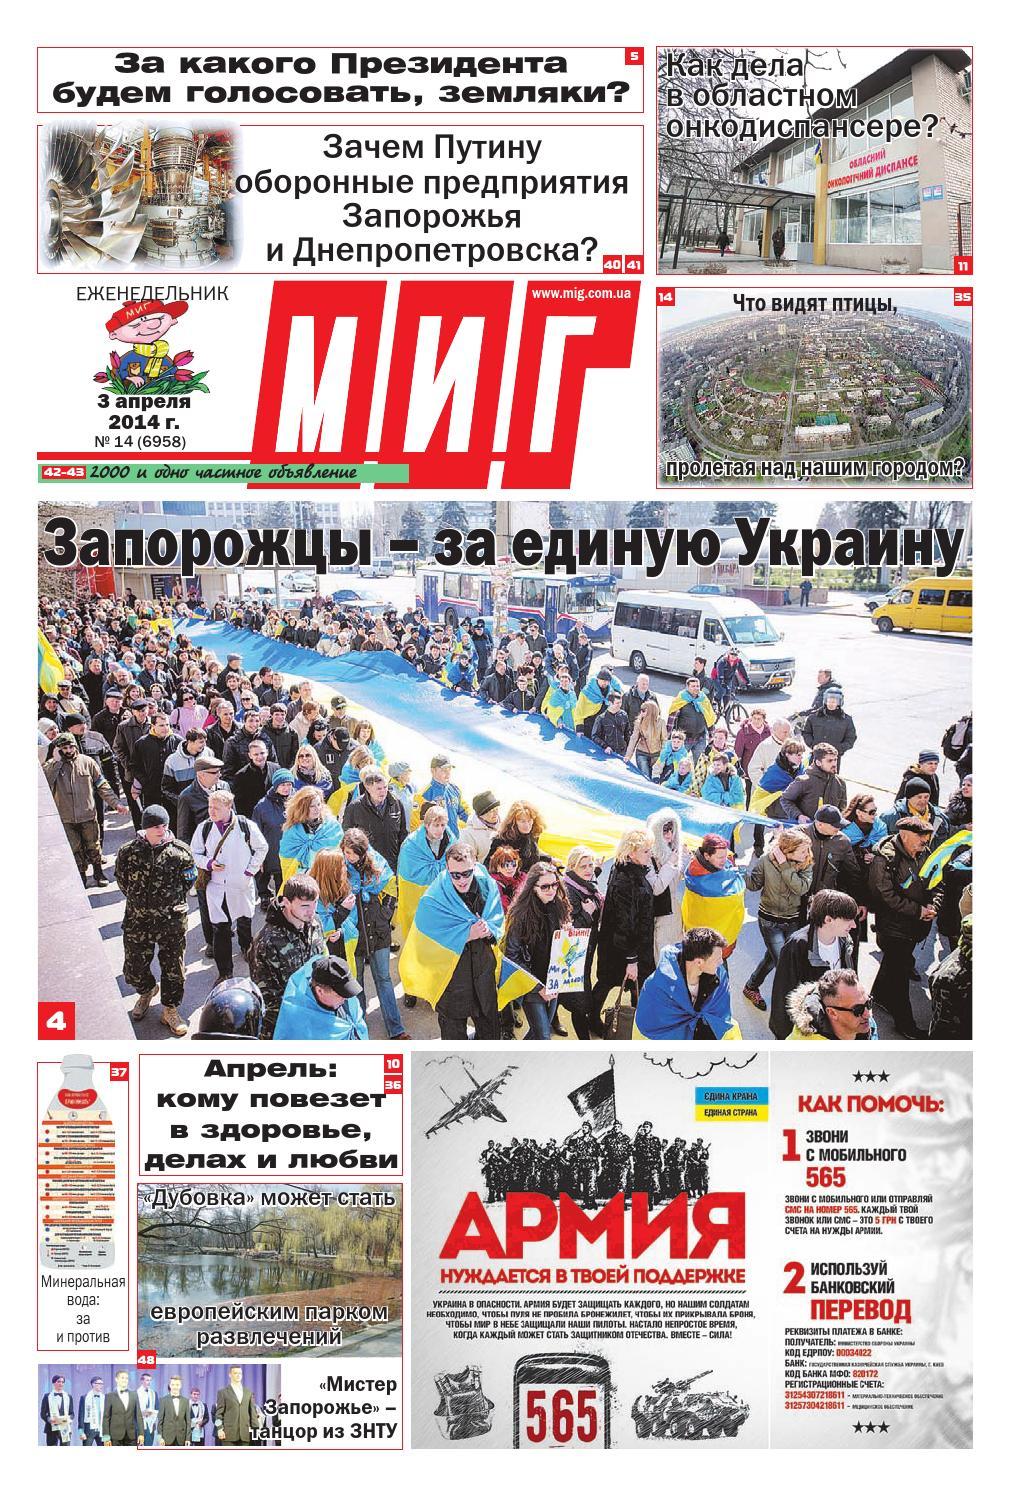 9307f7cae1a0 Mig 2014 04 03 14 by Vladimir Evchenco - issuu